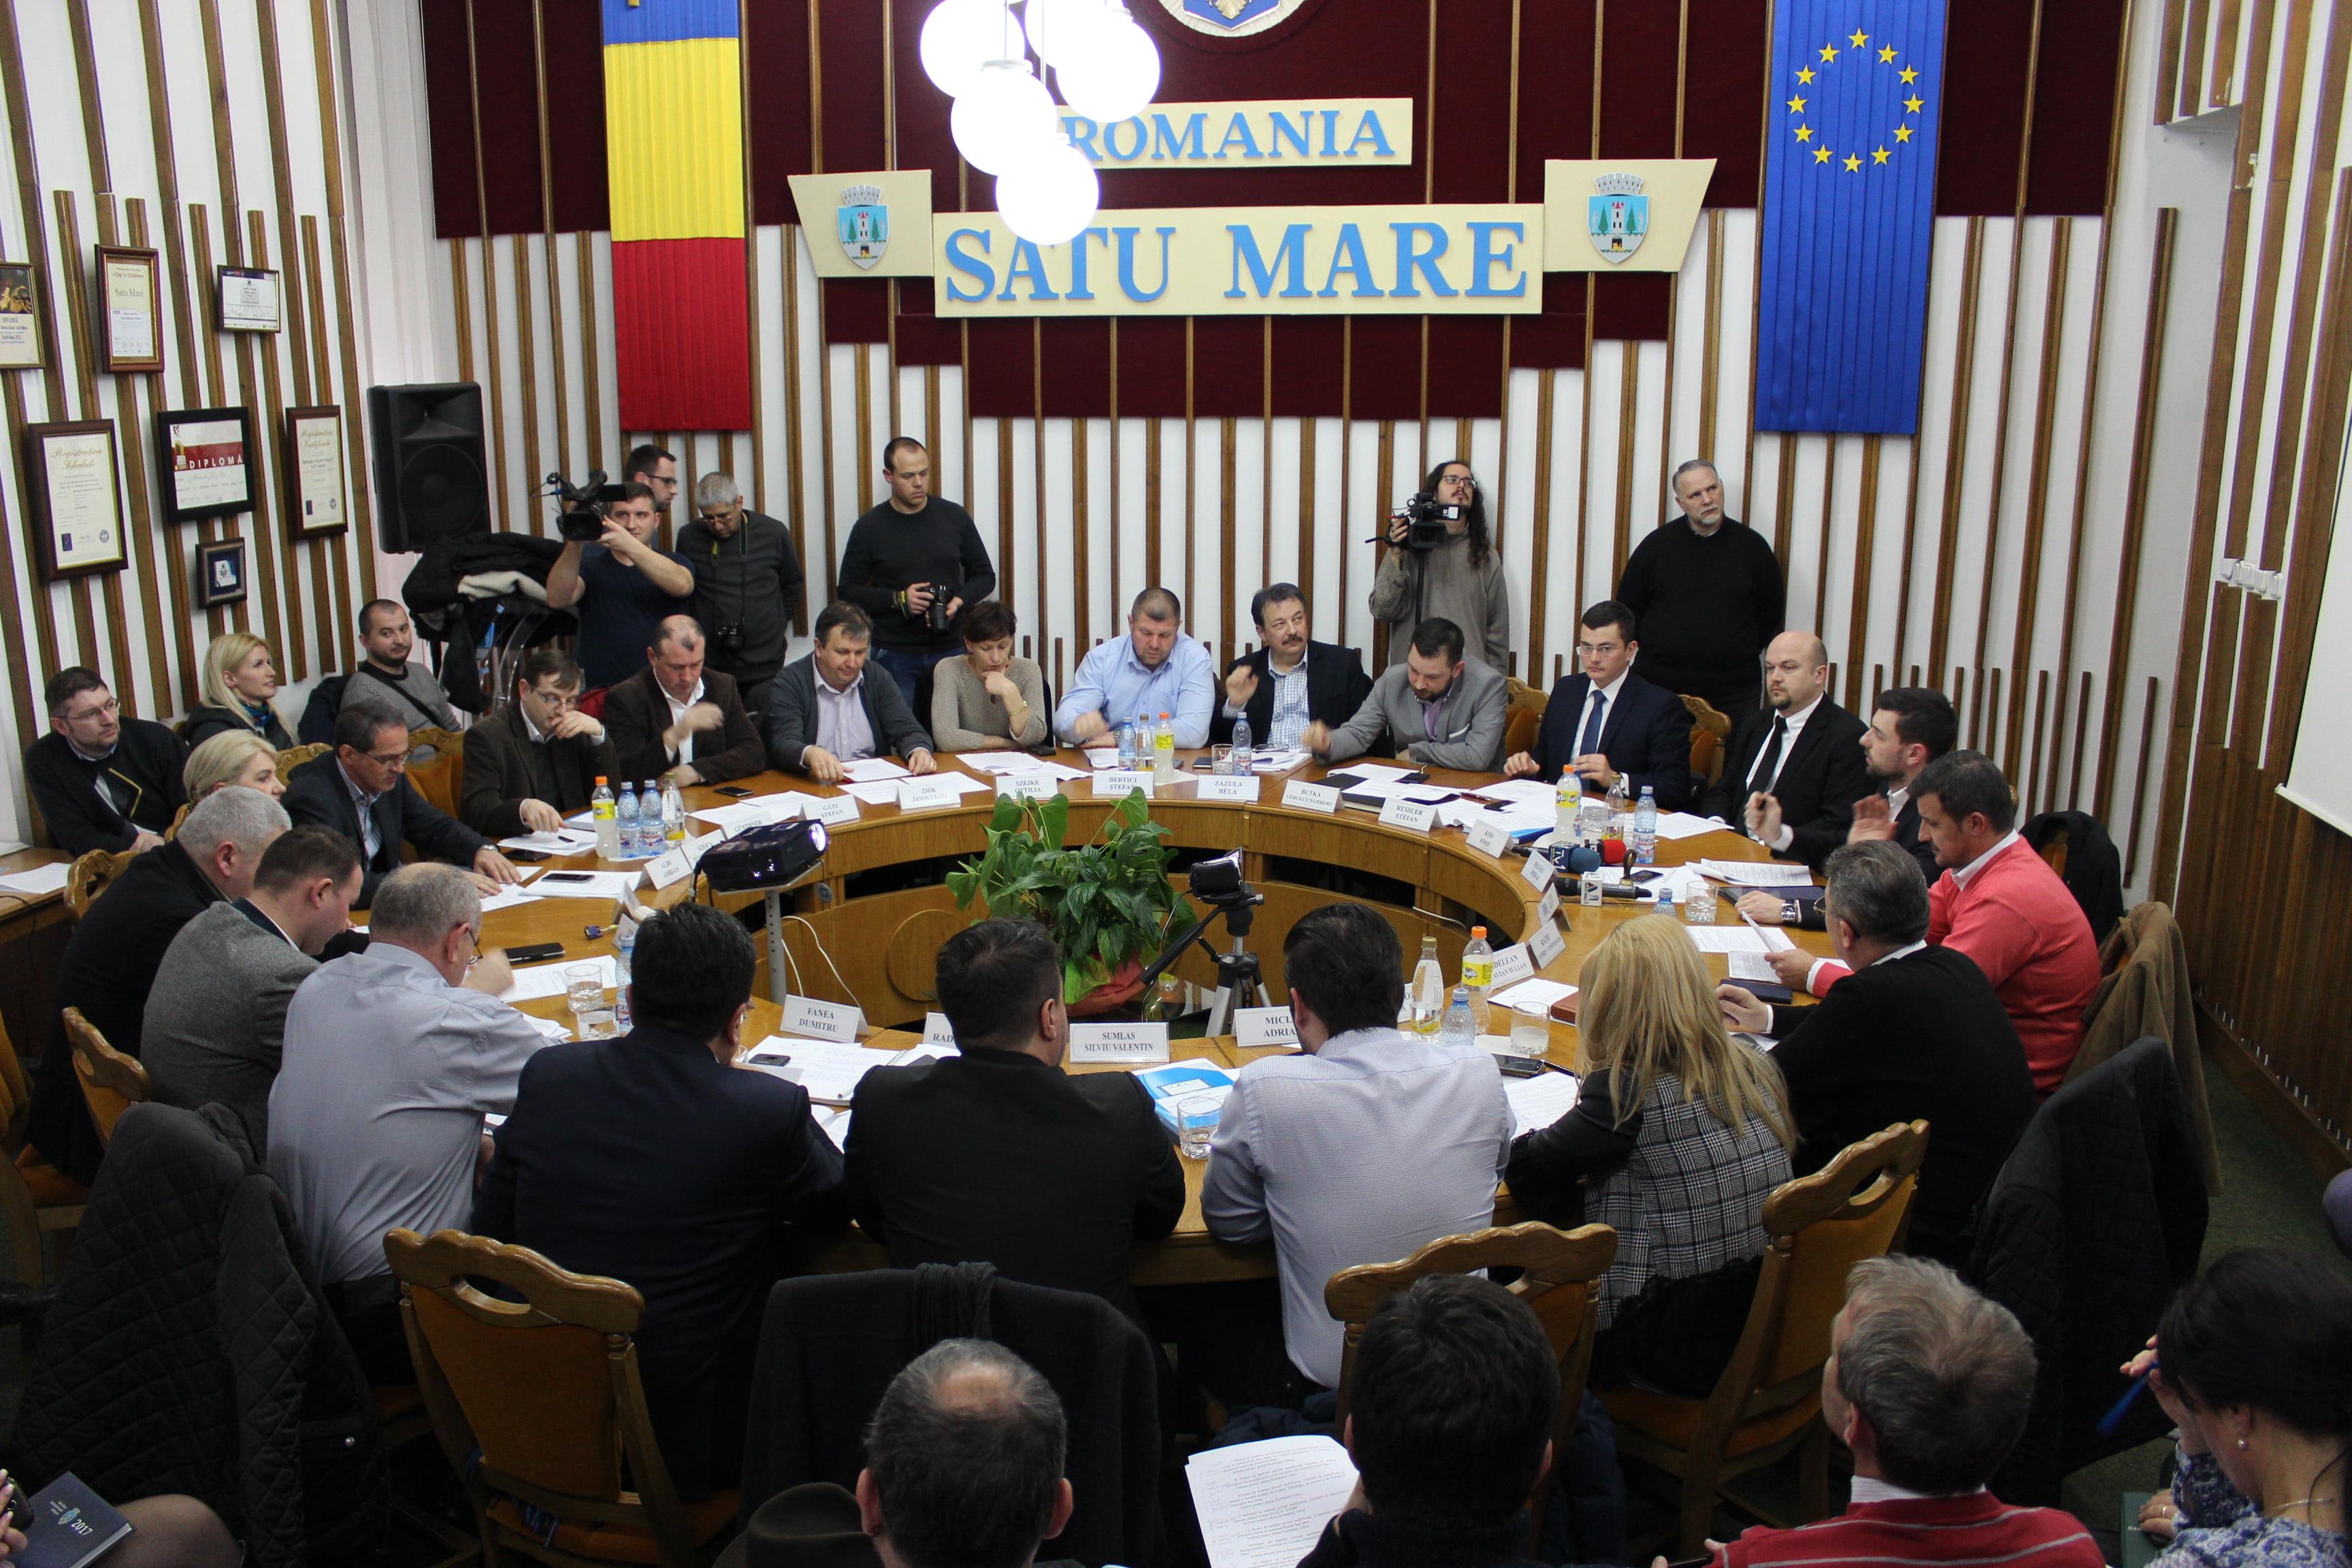 După lungi discuții, consilierii locali au votat pentru creșterea prețului la salubritate